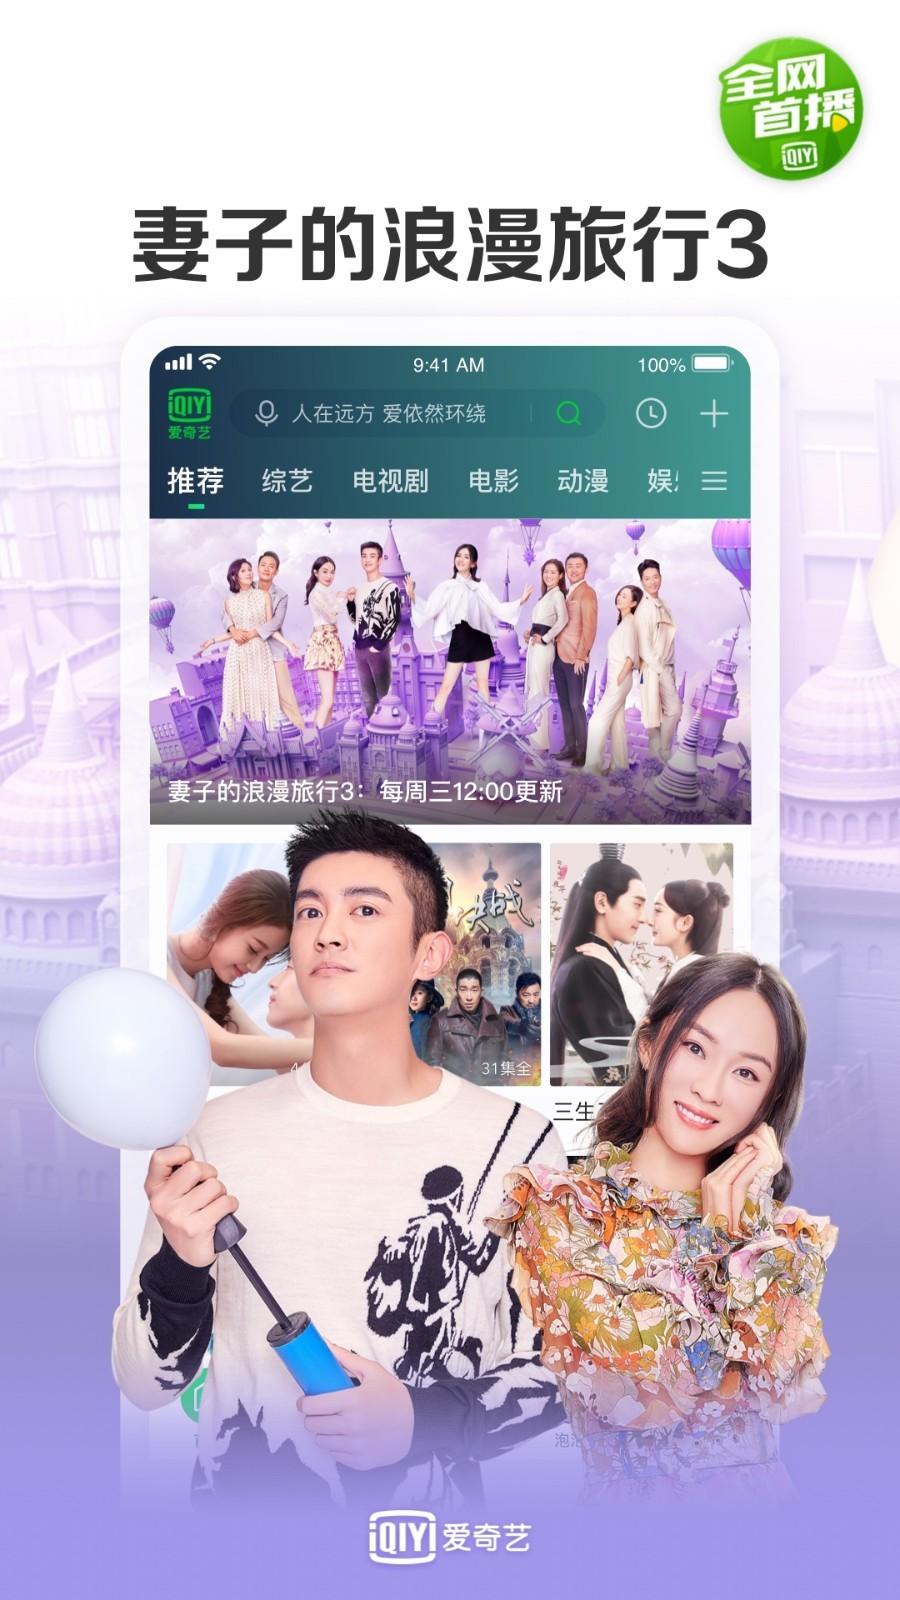 爱奇艺下载安装2019新版官方图片1